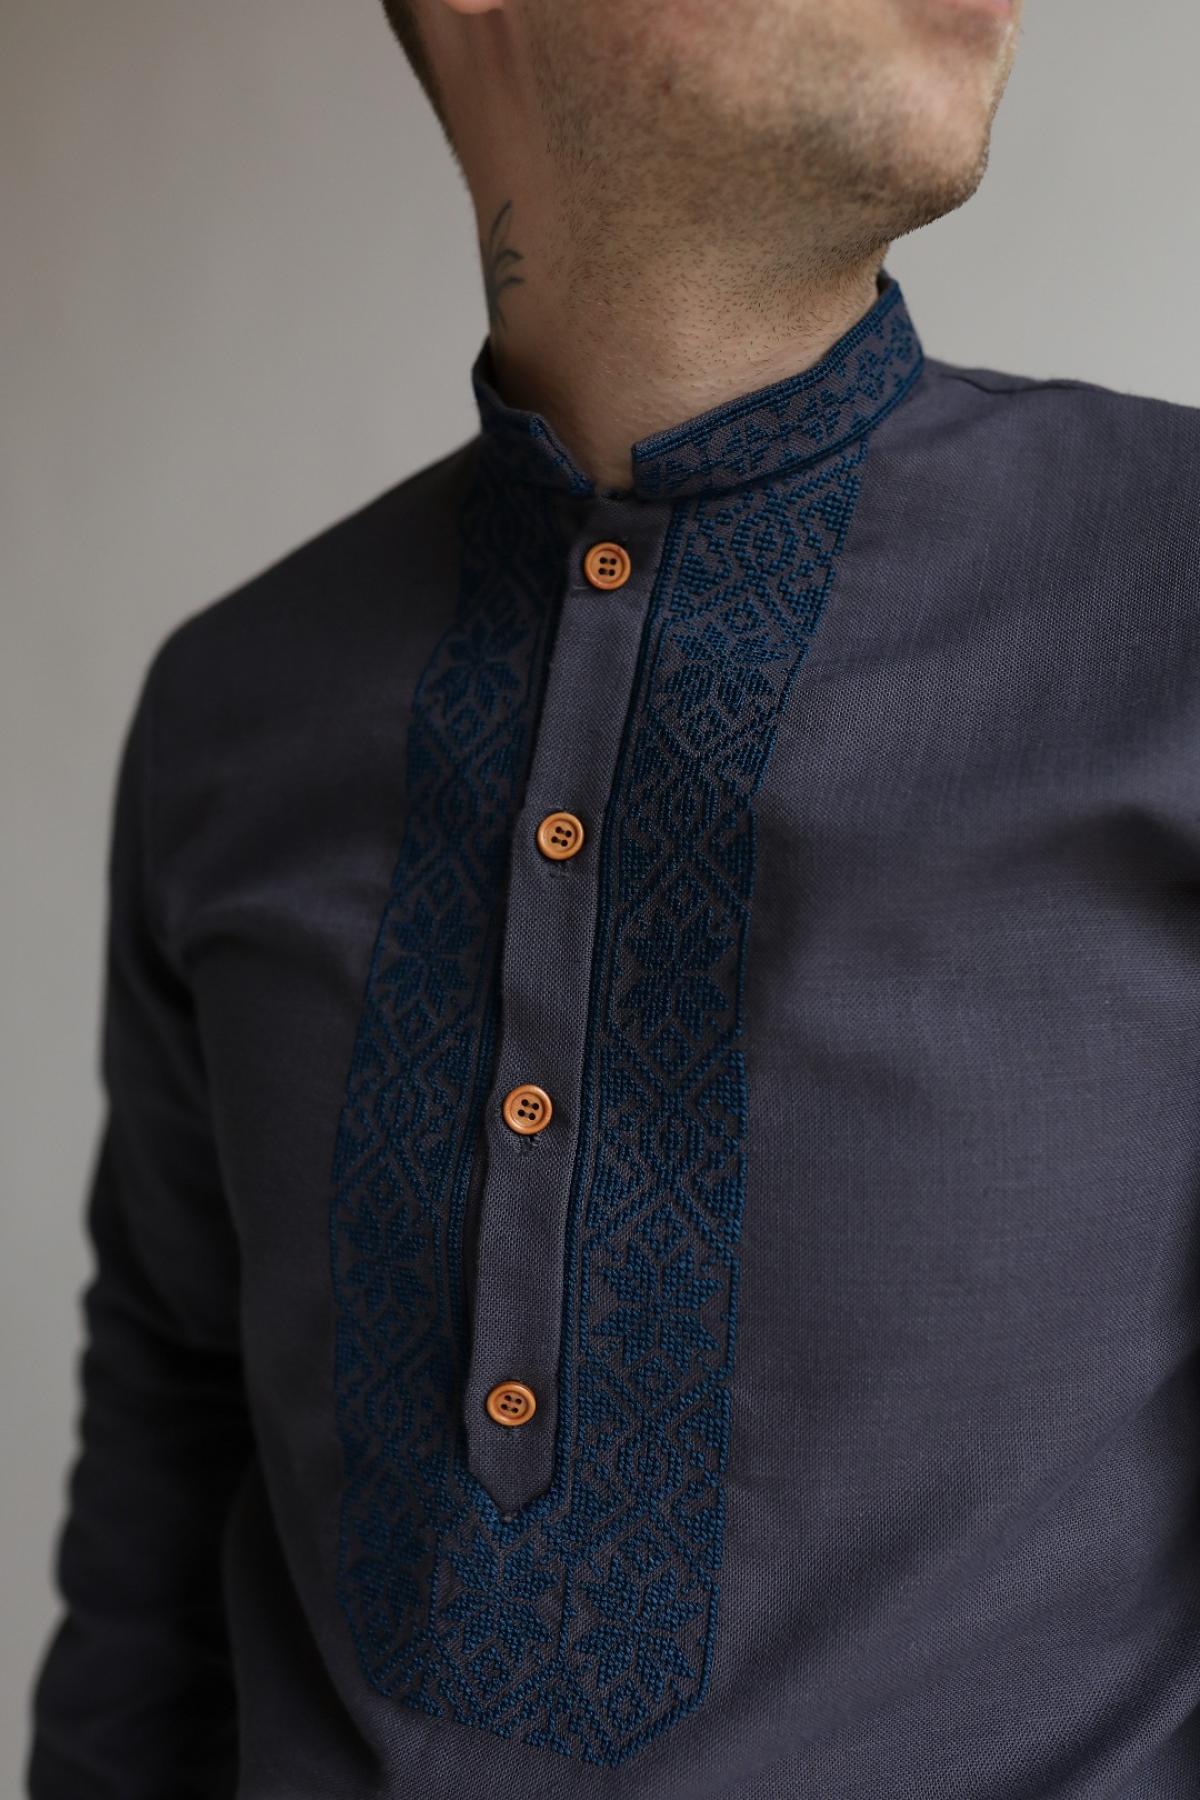 Графітова чоловіча вишиванка з синьою вишивкою . Фото №3.   Народний дім Україна